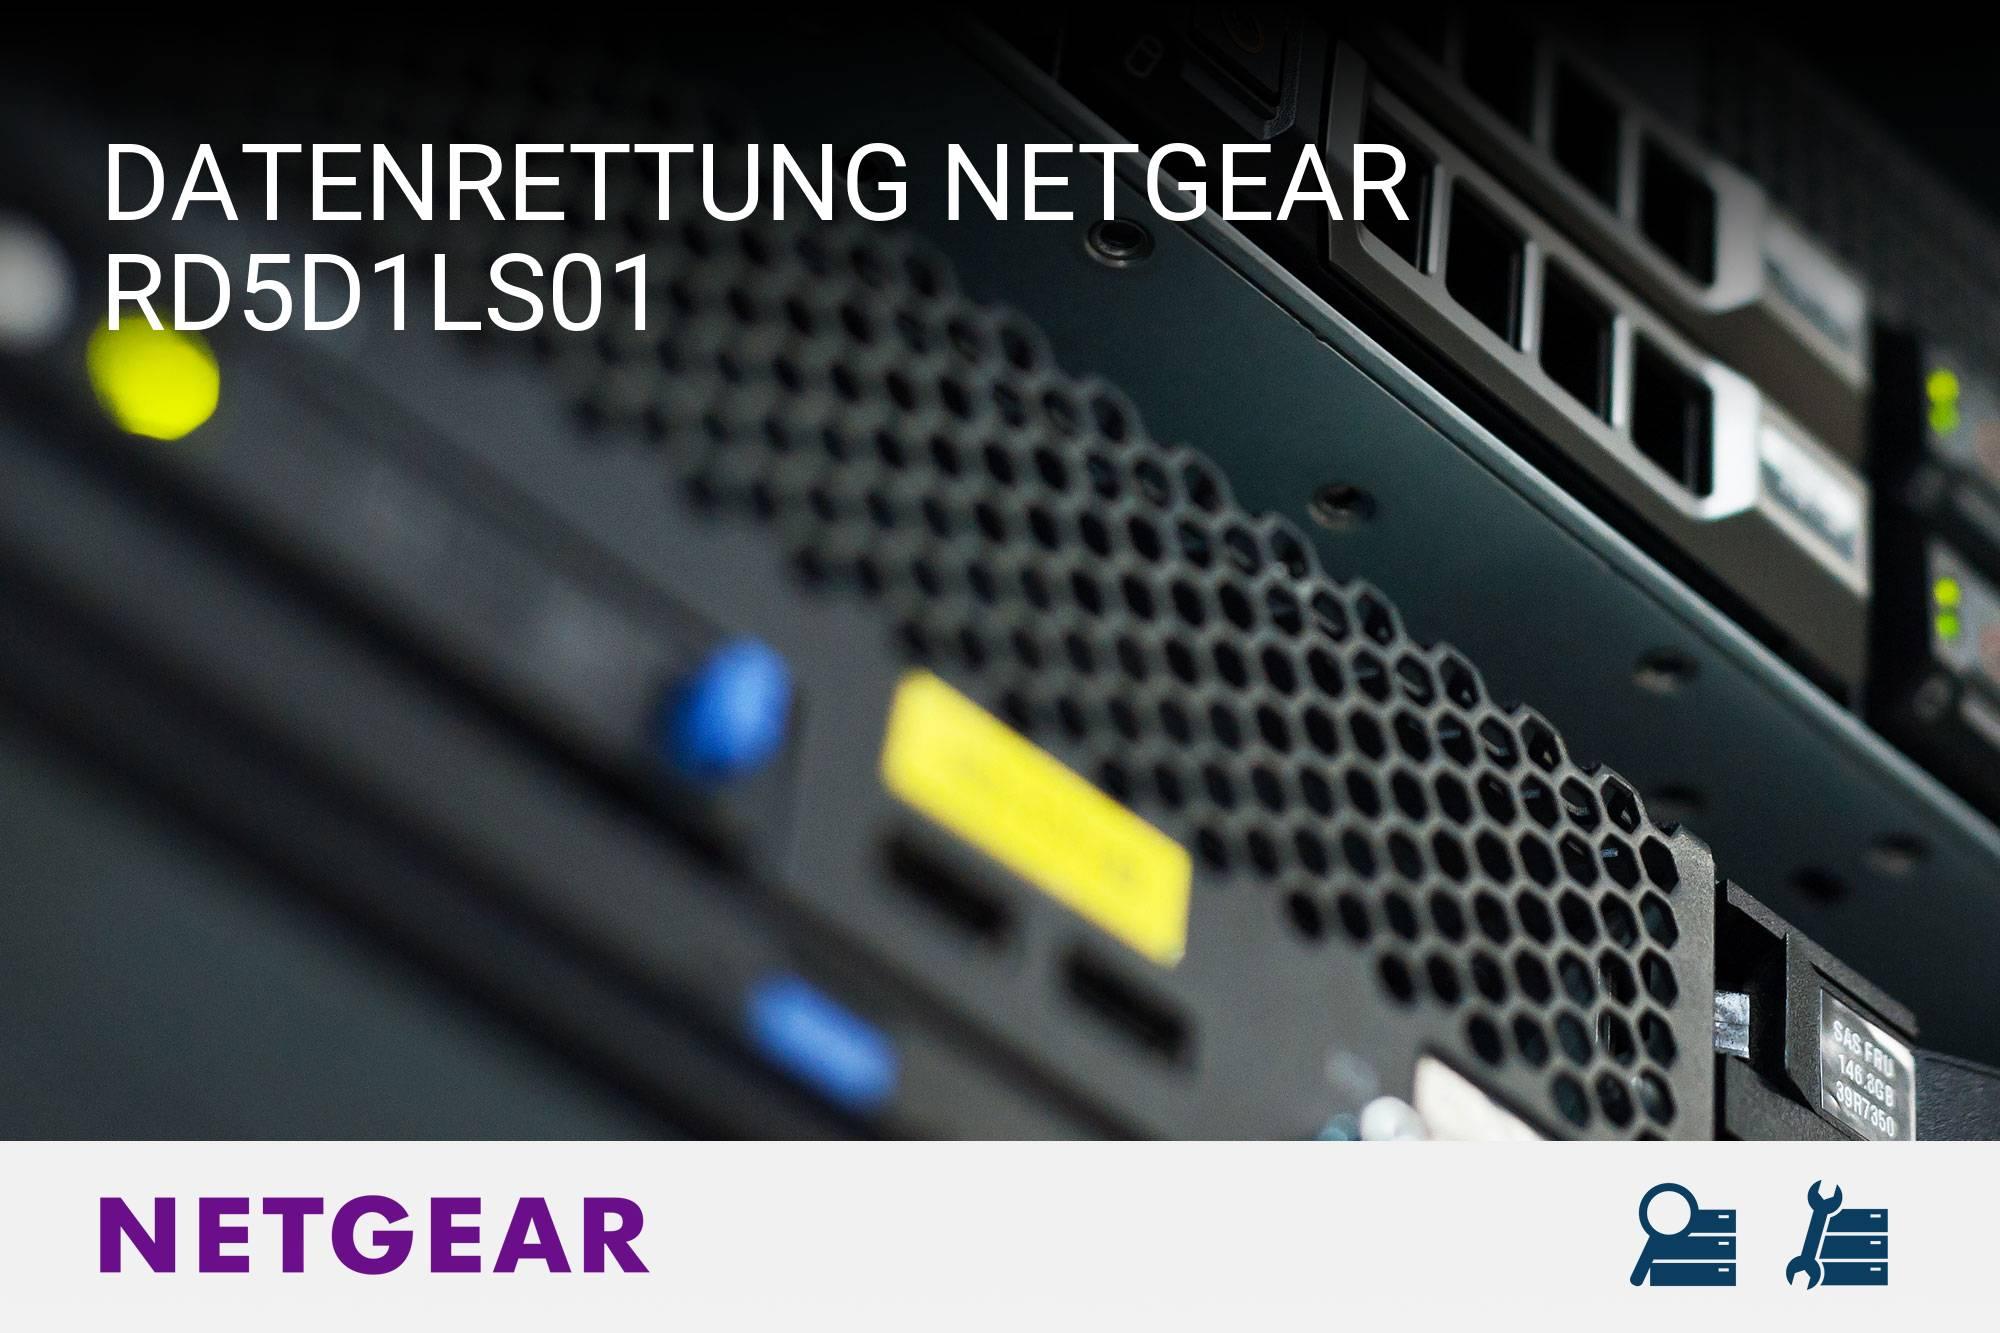 Netgear RD5D1LS01